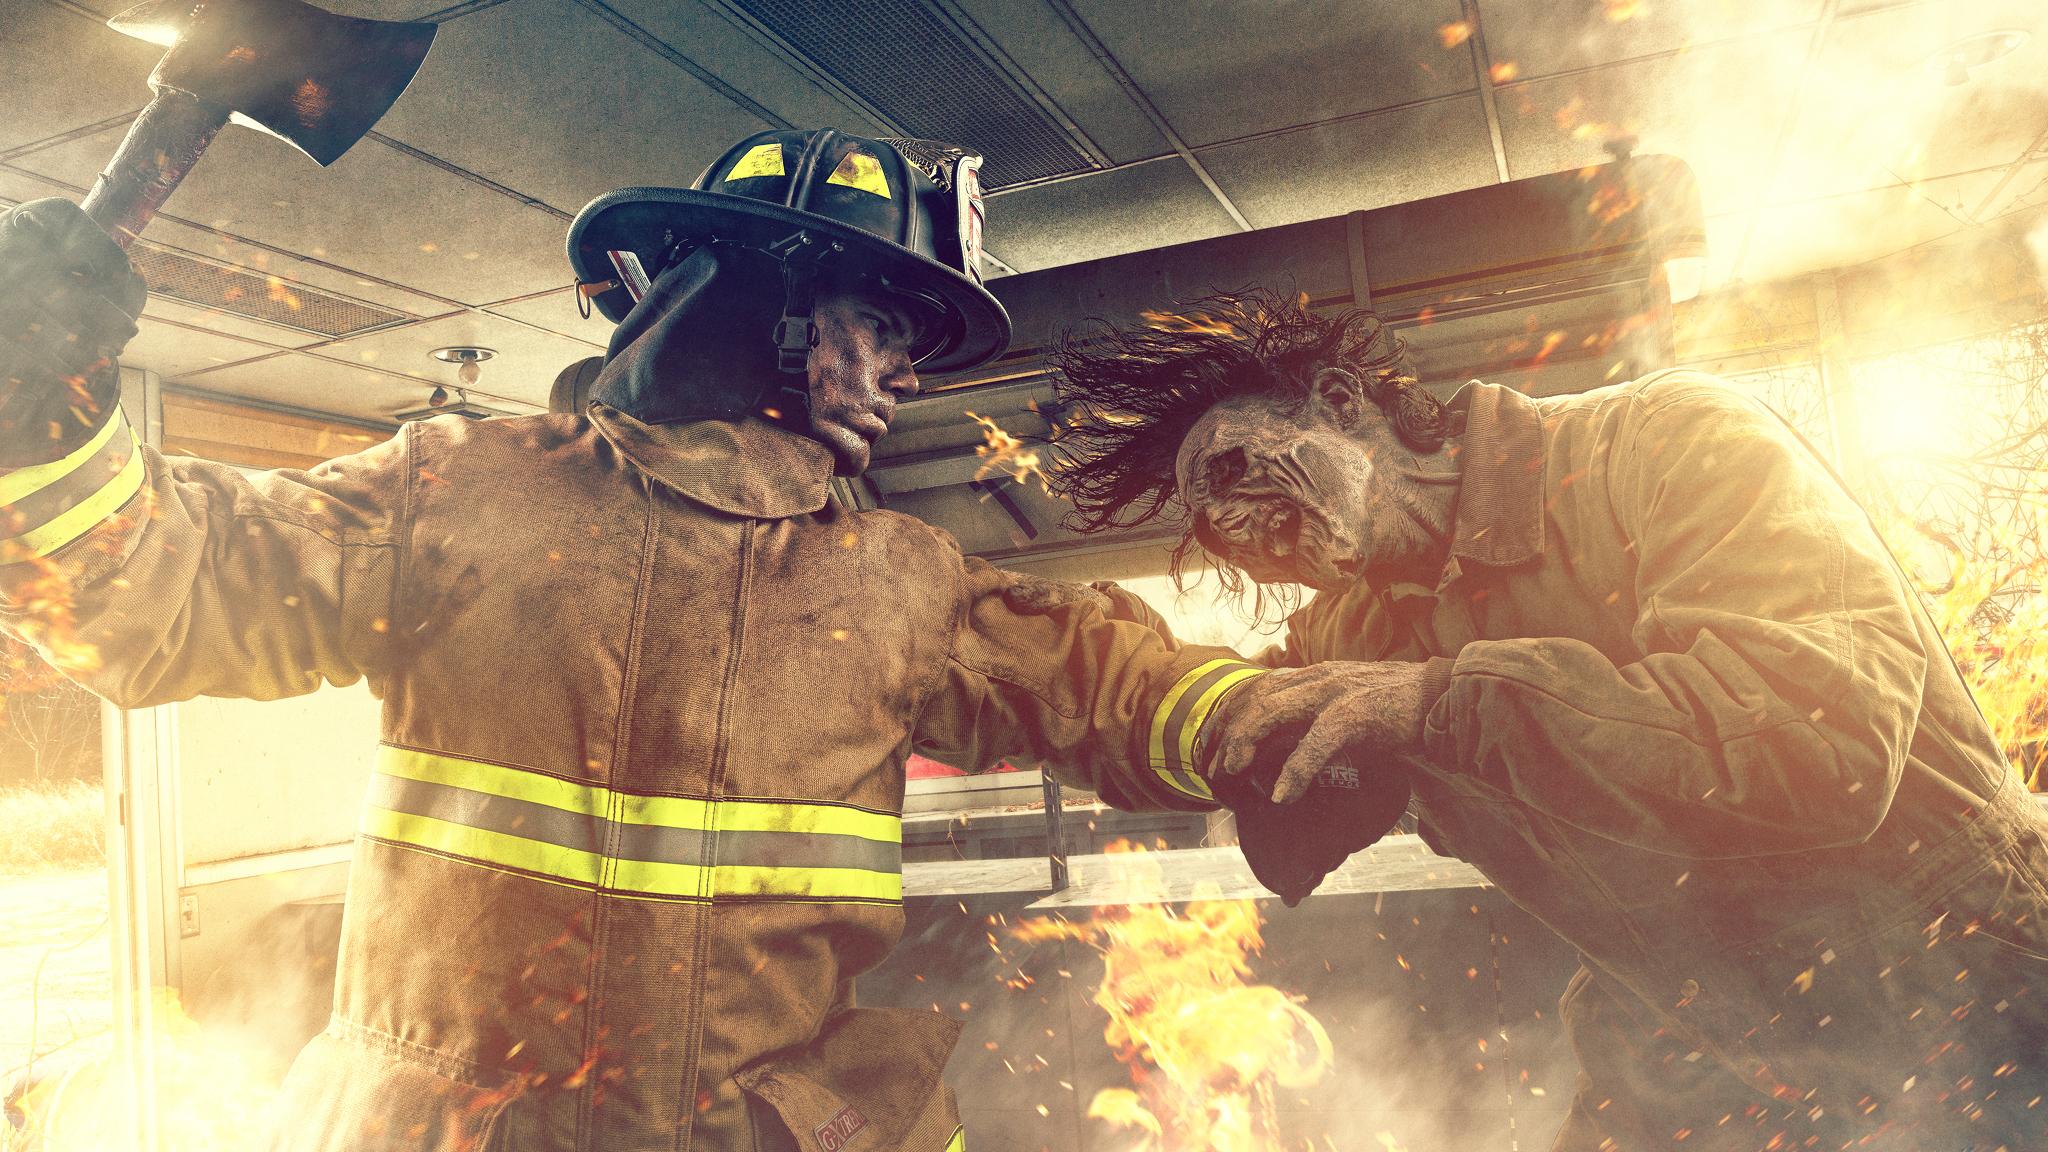 Картинки про пожарных на рабочий стол прикольные, открытке рождеству